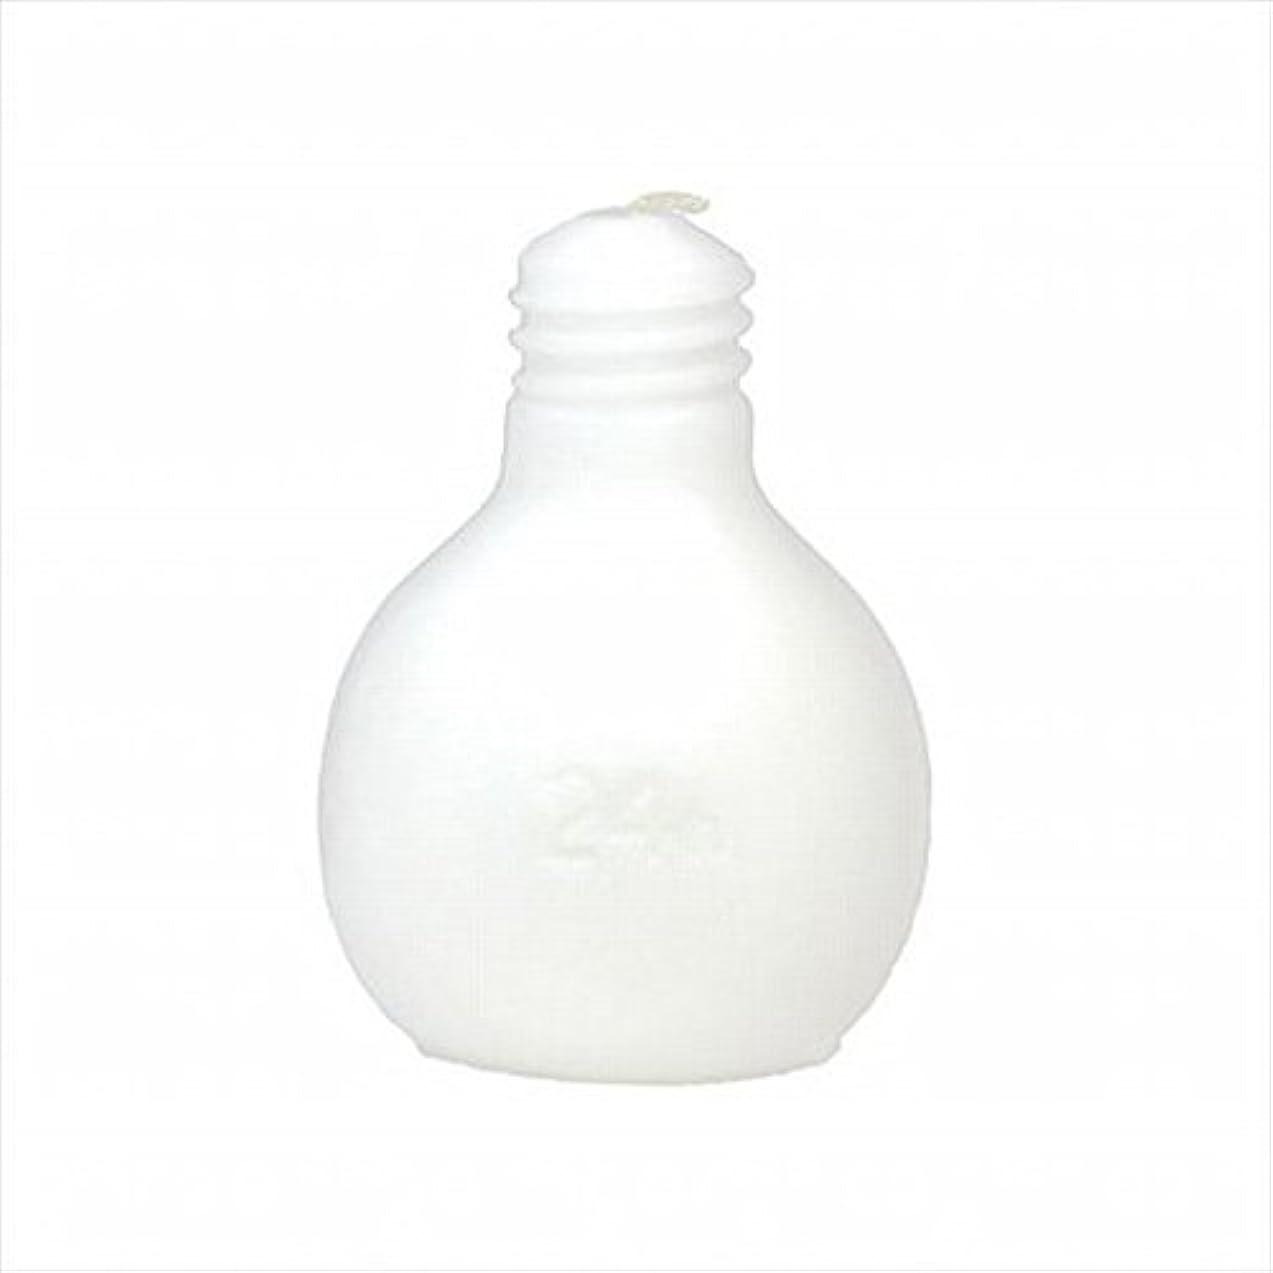 乱雑なプロジェクター肉のkameyama candle(カメヤマキャンドル) 節電球キャンドル 「 ホワイト 」 キャンドル 75x75x98mm (A4220000W)